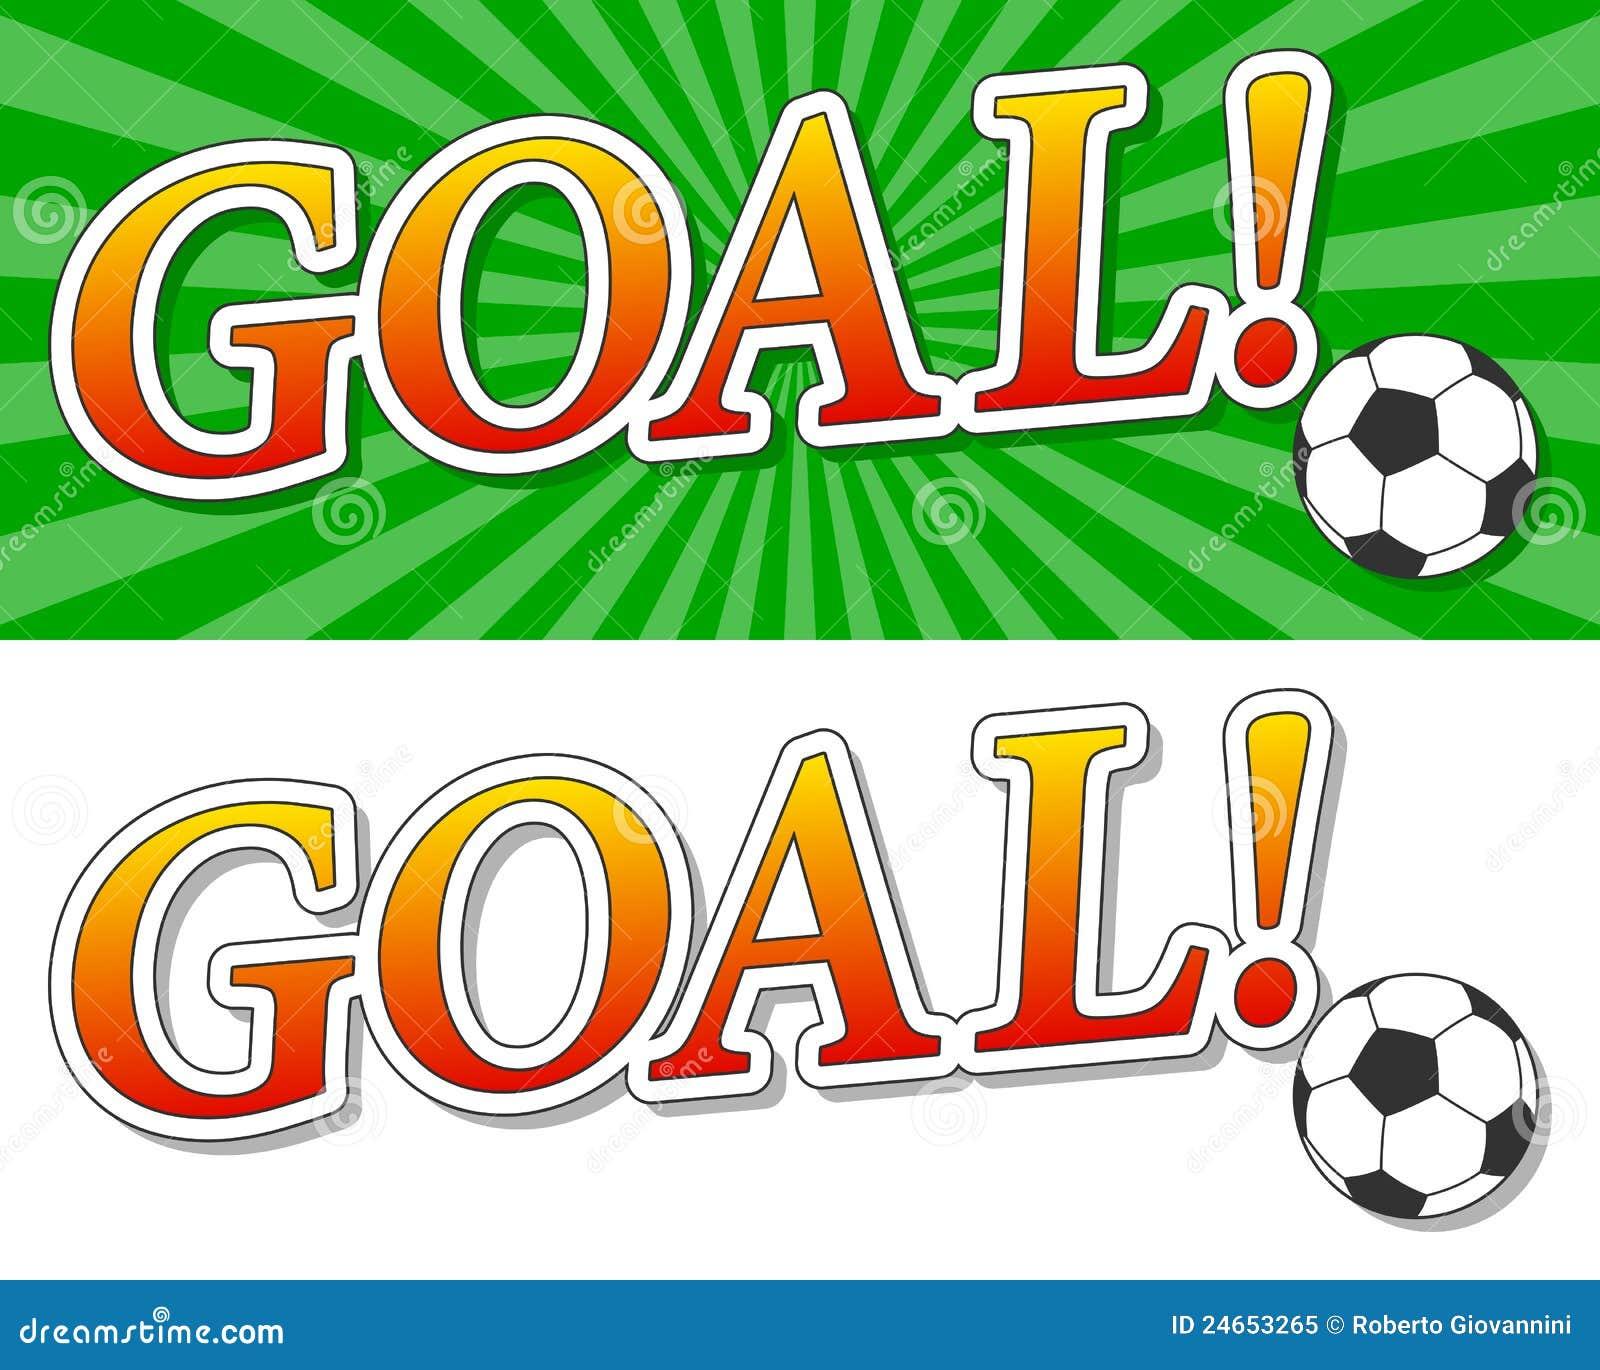 goal soccer logo stock vector image of goal  target soccer goal clipart free soccer goal clipart